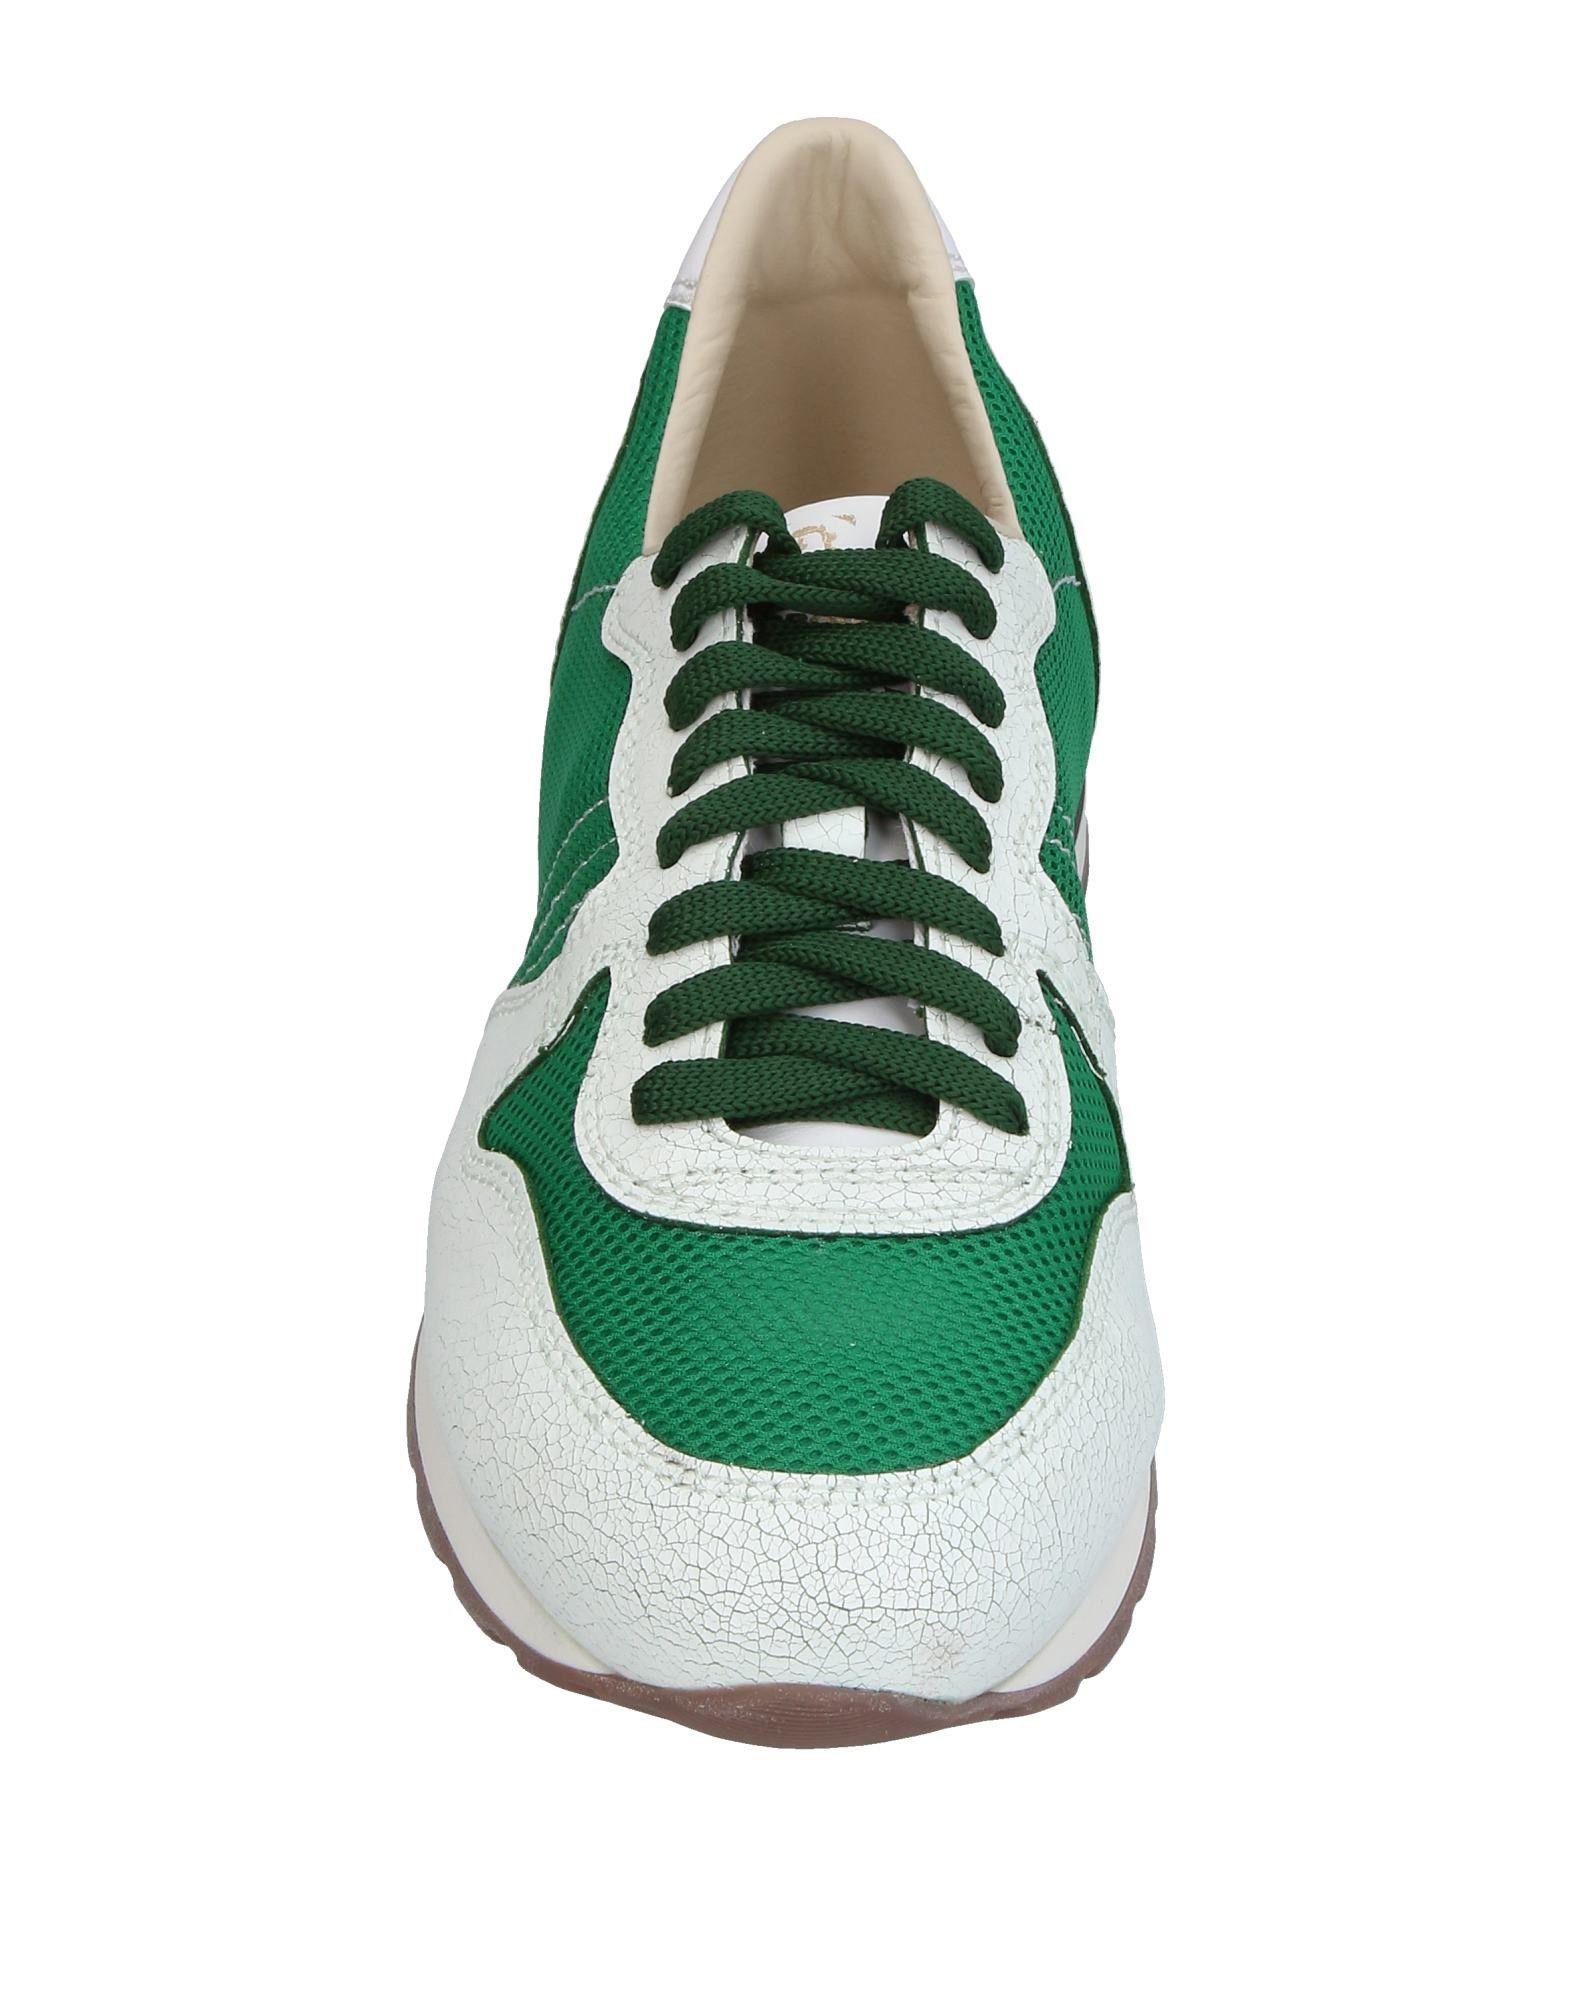 Primabase Heiße Sneakers Herren  11385657ED Heiße Primabase Schuhe c992f1